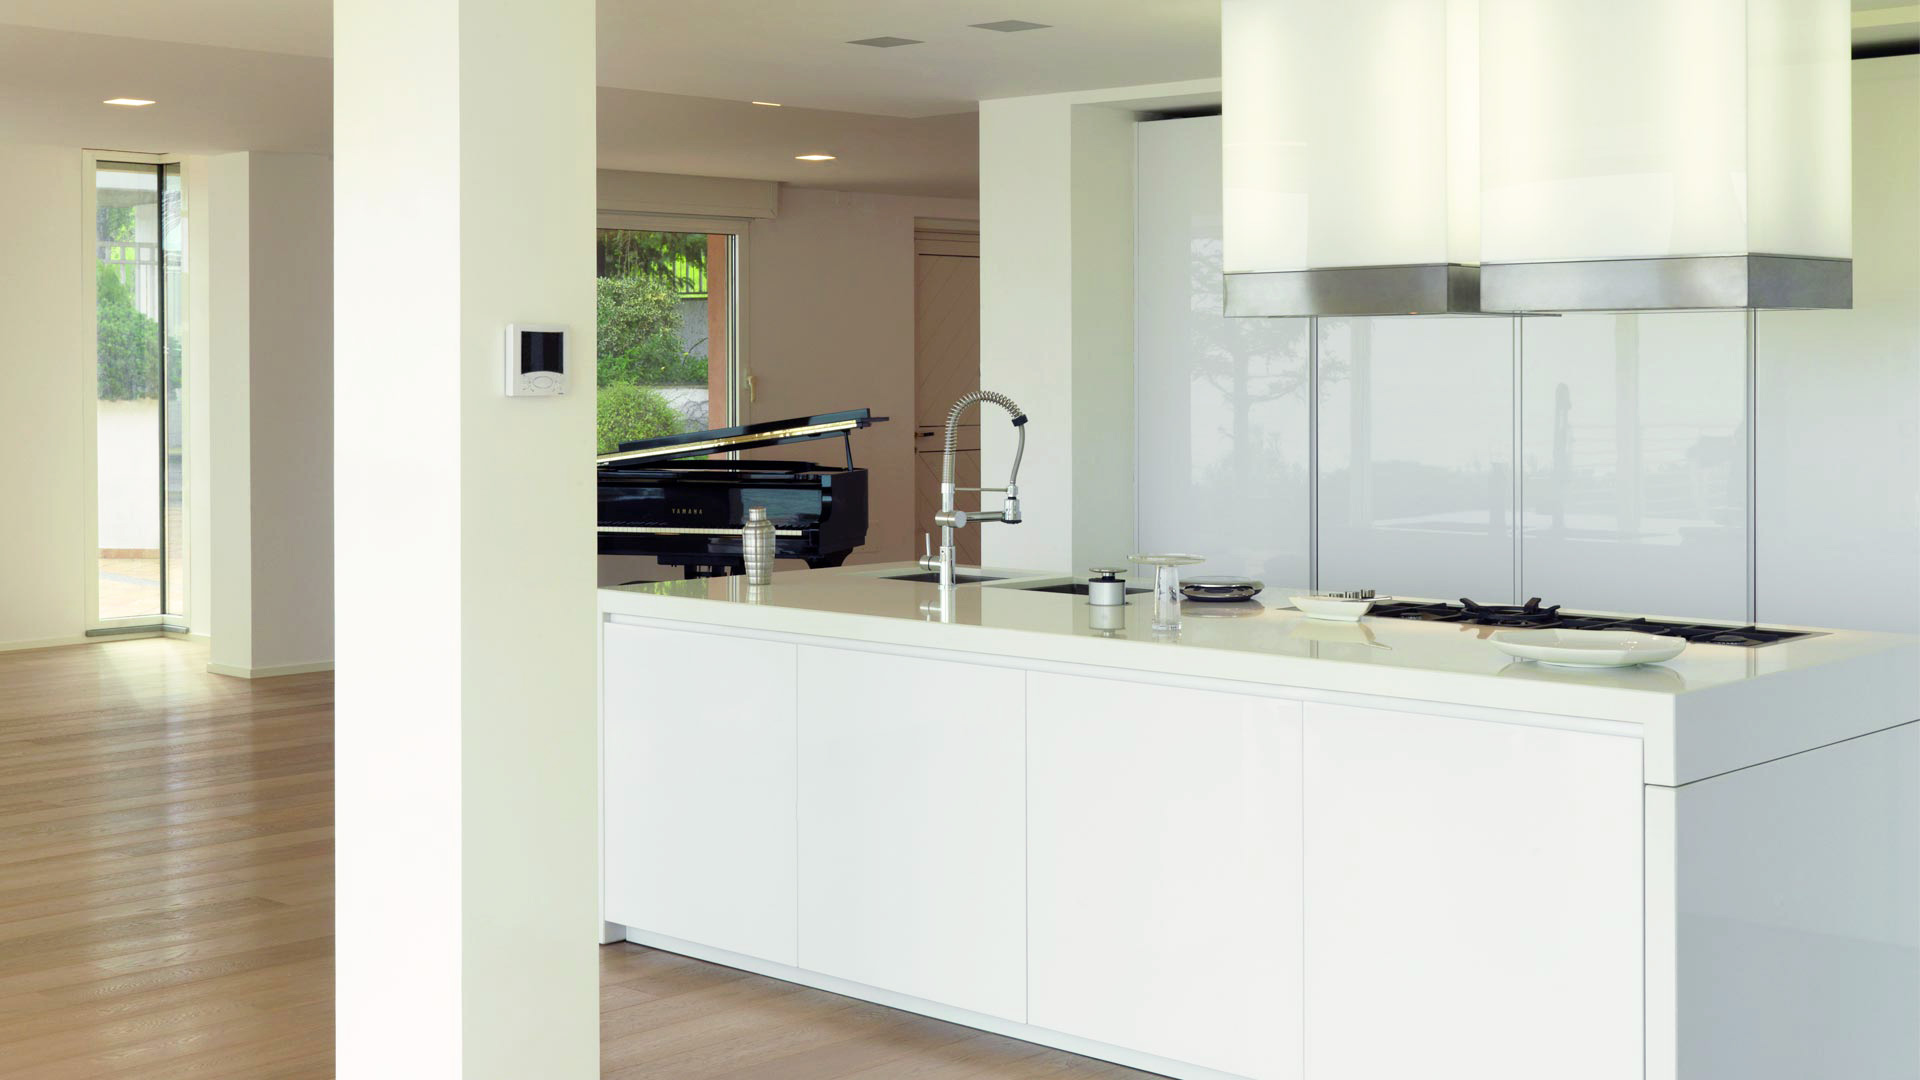 Cucina living open space con tavolo a scomparsa estraibile for Cucina open space con pilastri